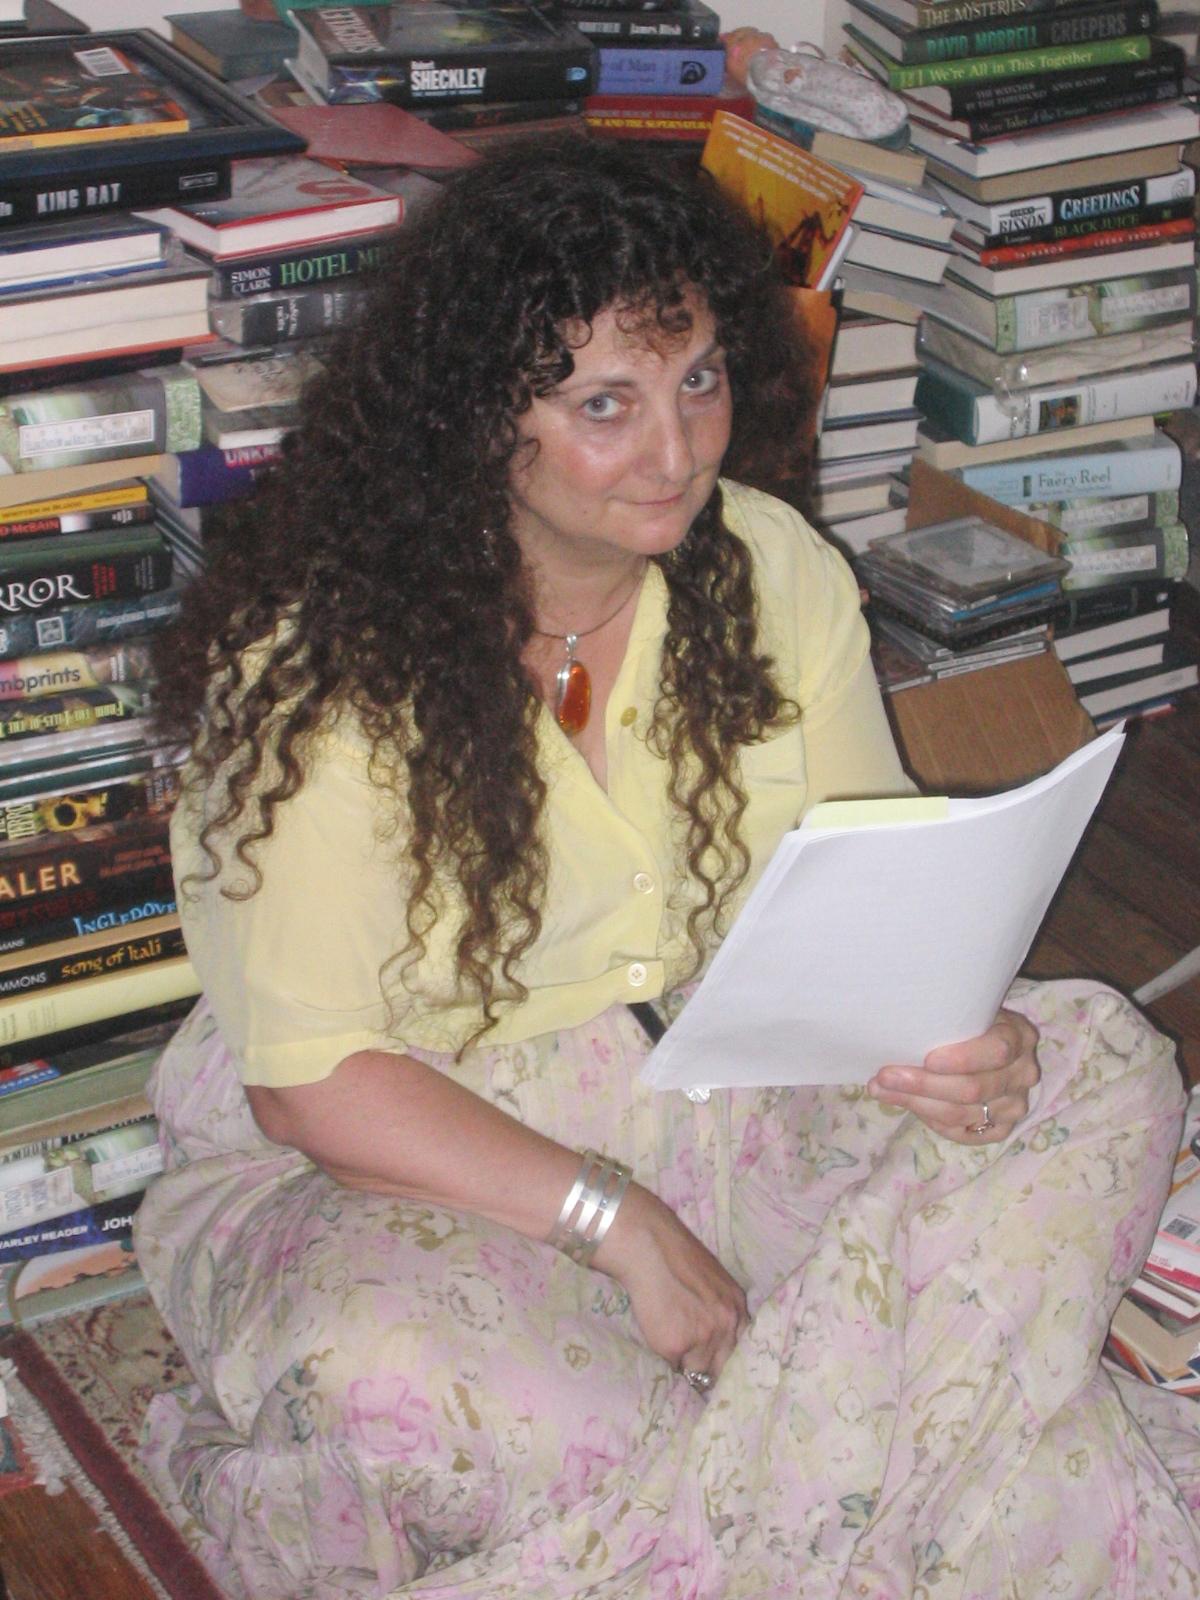 laura@nubiles.net 7 Ellen Datlow hard at work in front of her books